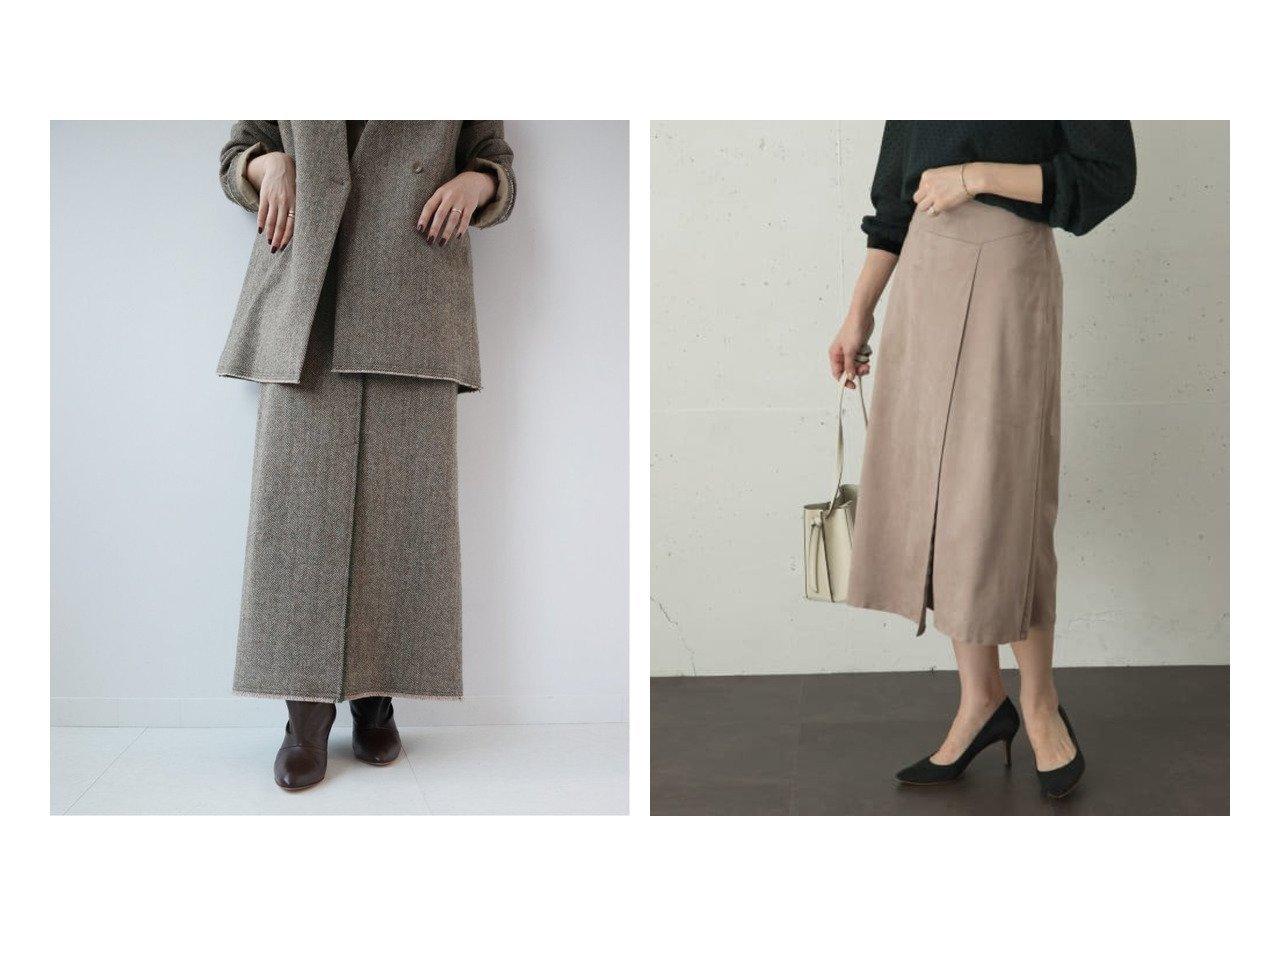 【Plage/プラージュ】の【R IAM】シェットヘリン スカート&【URBAN RESEARCH ROSSO/アーバンリサーチ ロッソ】のエコスエードスカート スカートのおすすめ!人気、レディースファッションの通販 おすすめで人気のファッション通販商品 インテリア・家具・キッズファッション・メンズファッション・レディースファッション・服の通販 founy(ファニー) https://founy.com/ ファッション Fashion レディース WOMEN スカート Skirt Aライン/フレアスカート Flared A-Line Skirts カットオフ ジャケット ジュエリー ロング 秋冬 A/W Autumn/ Winter ウォーム スエード フロント ラップ |ID:crp329100000001493